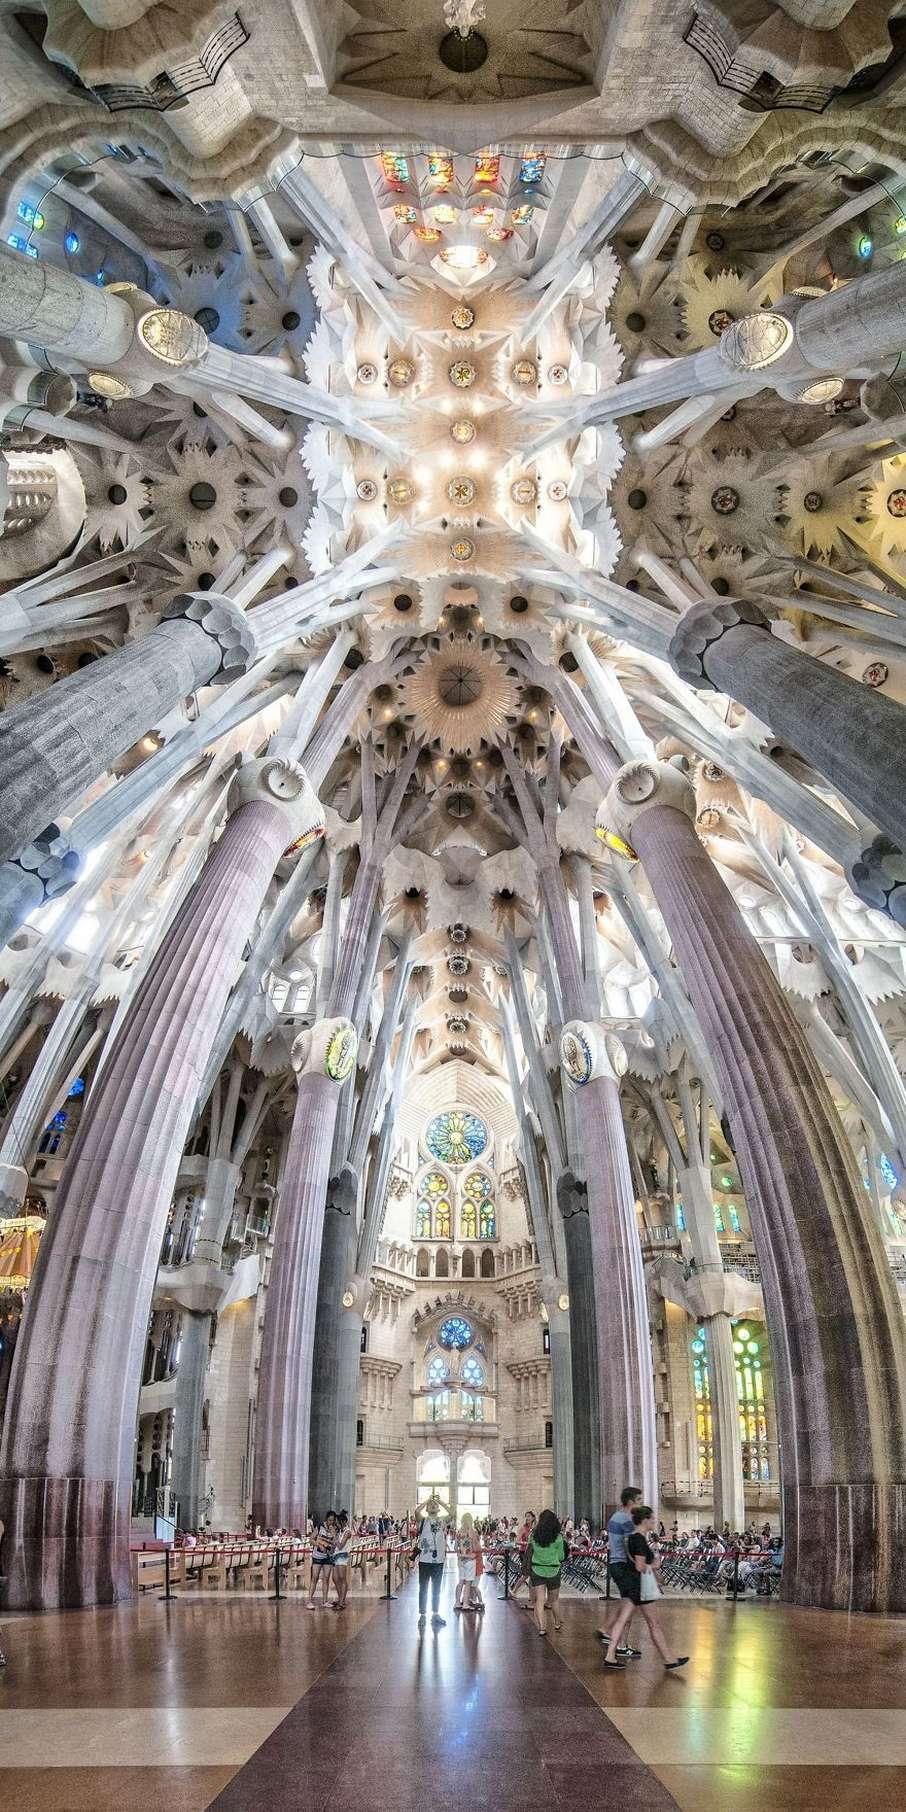 Итальянский фотограф снимает вертикальные панорамы, чтобы подчеркнуть красоту архитектуры